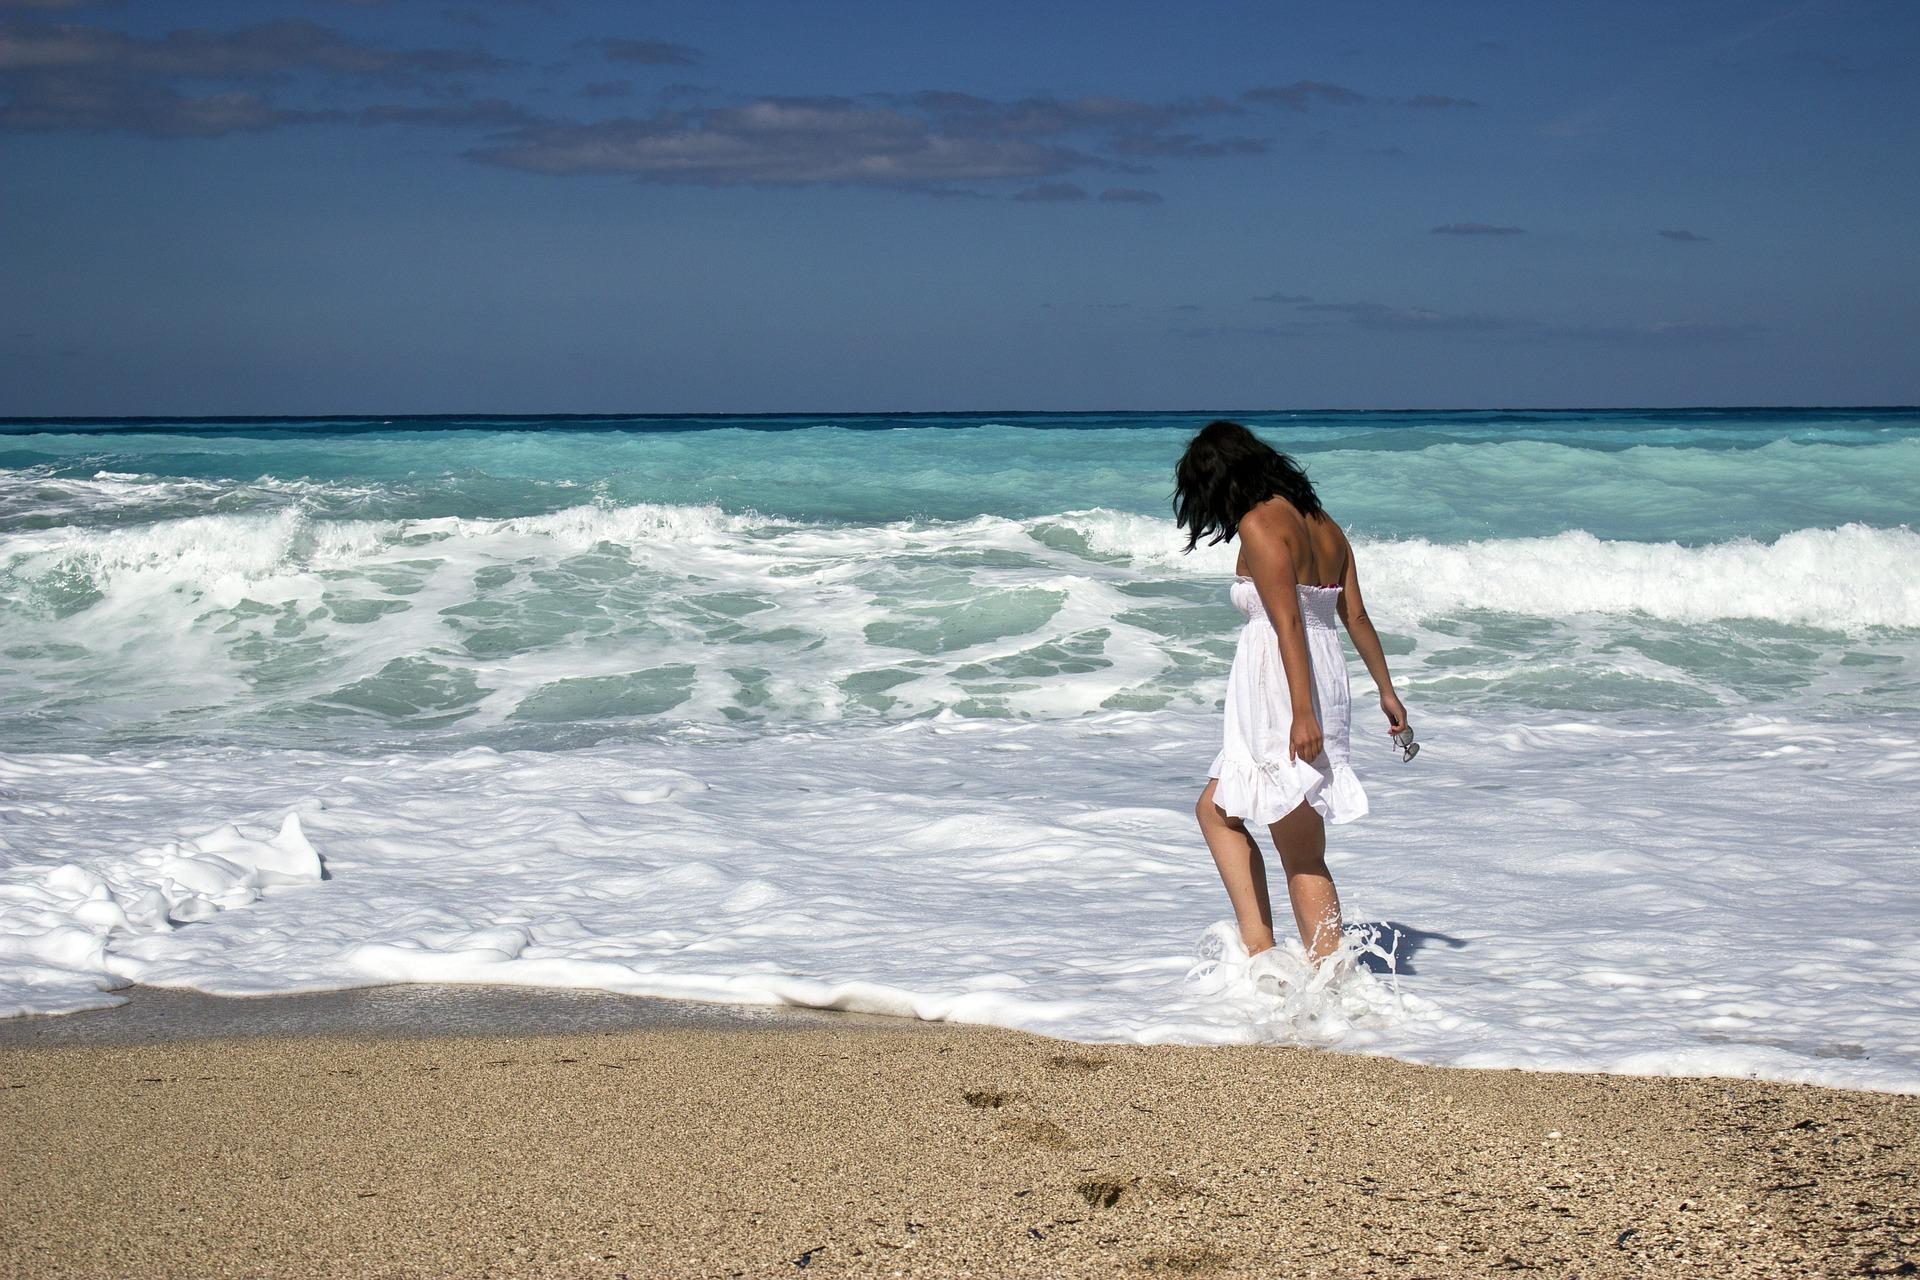 beach, waves, woman